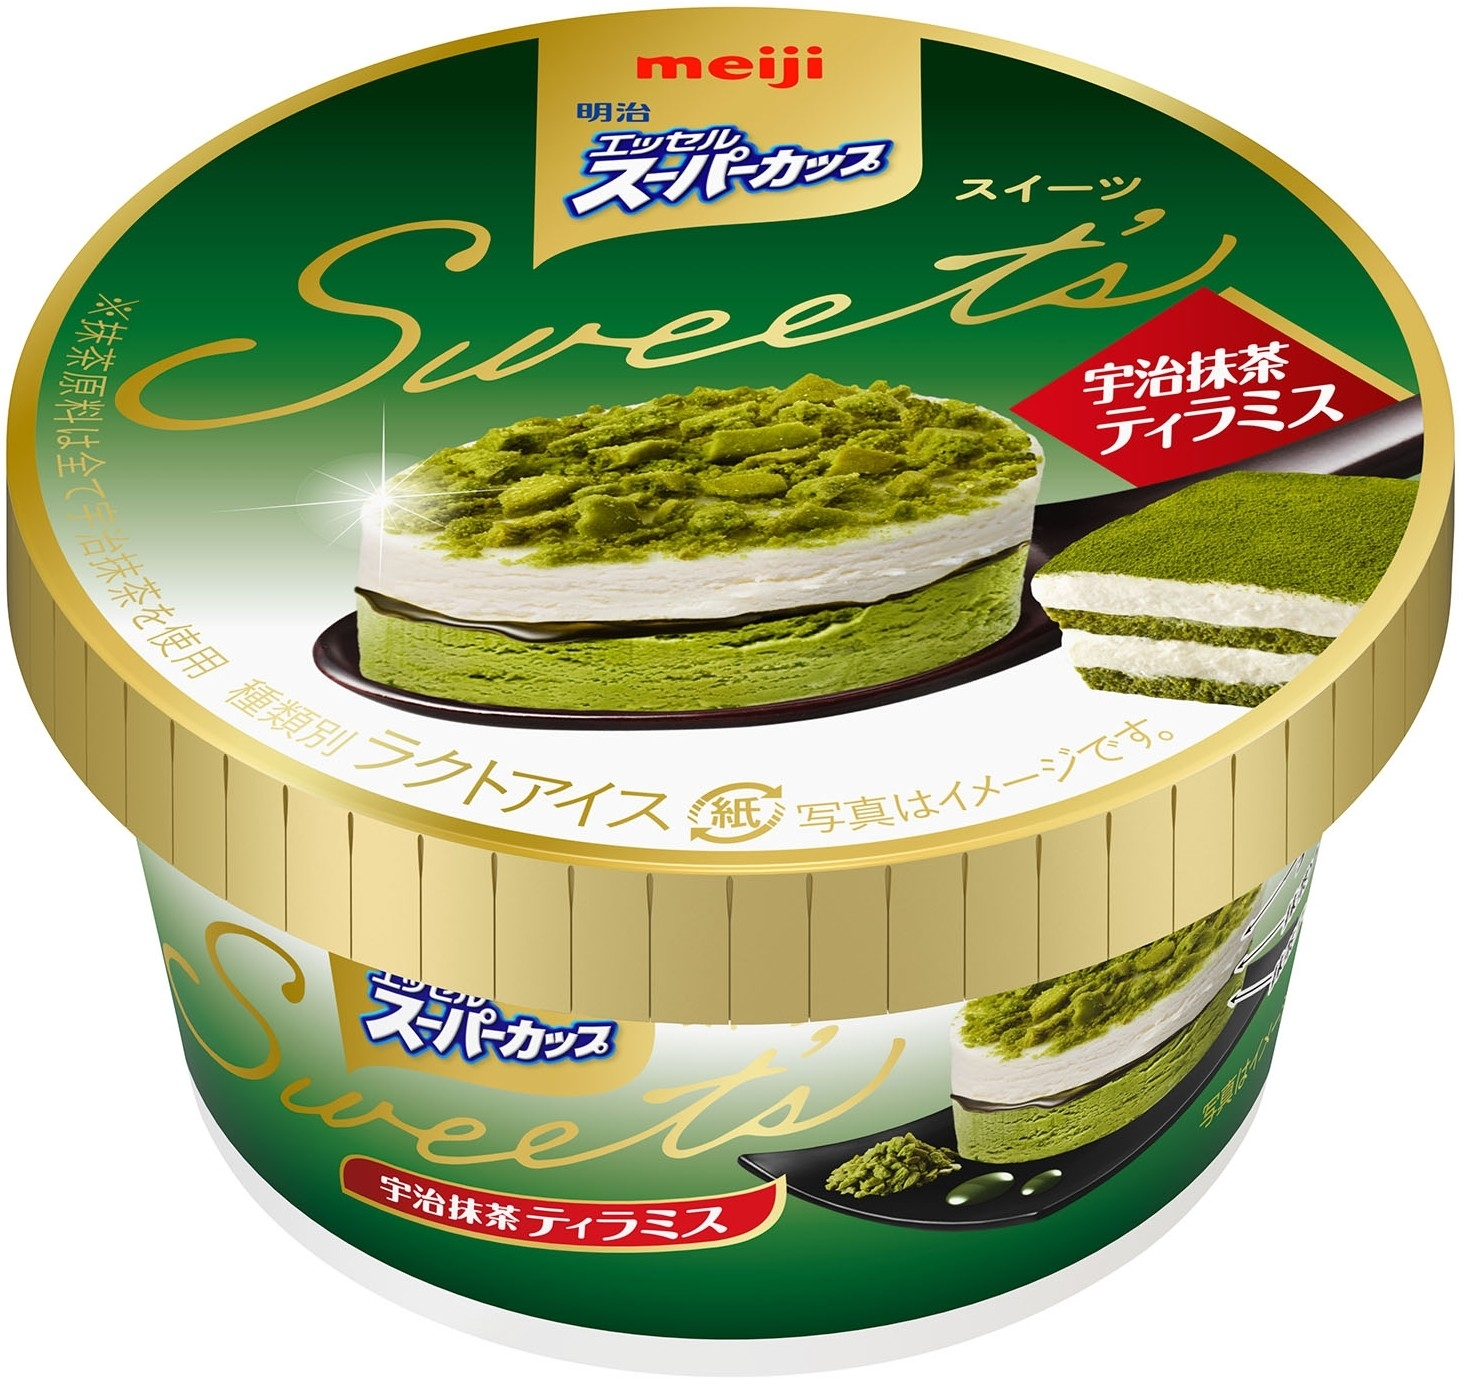 明治 エッセル スーパーカップ Sweet's 宇治抹茶ティラミス カップ172ml